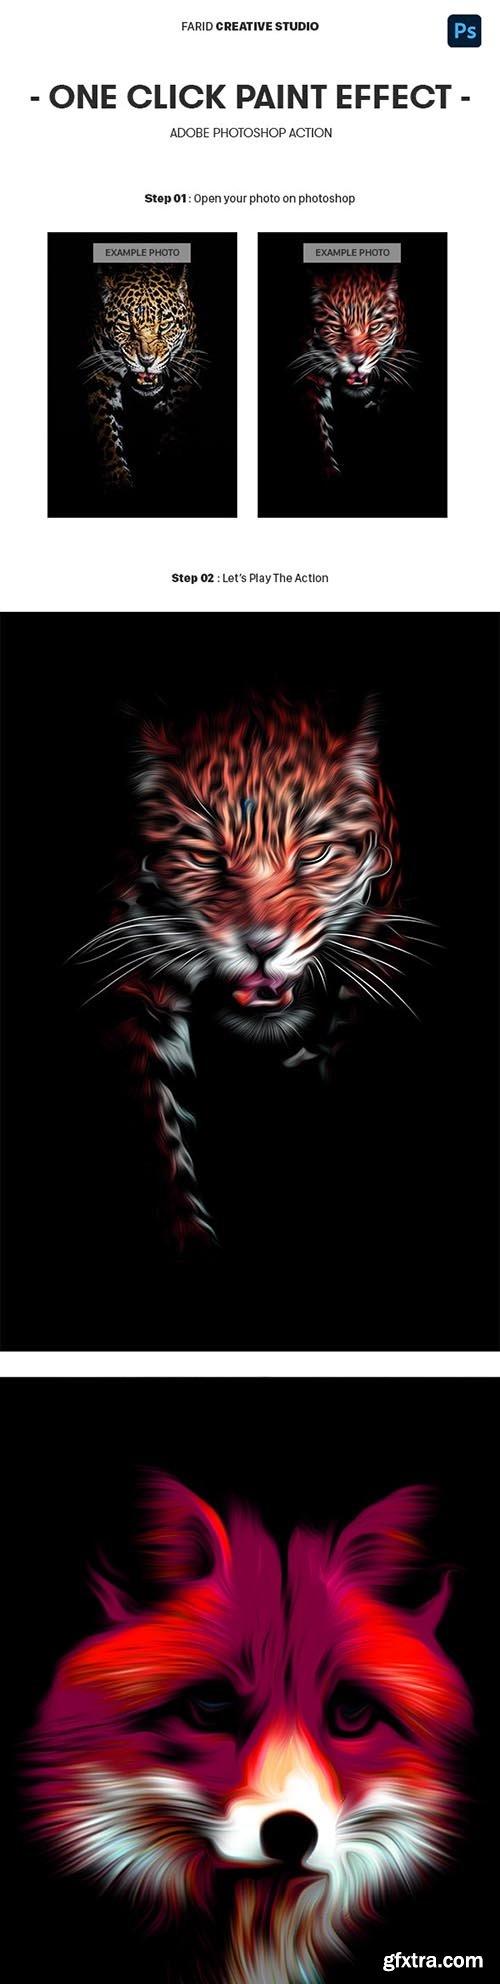 GraphicRiver - Paint Effect Photoshop Action 31781391